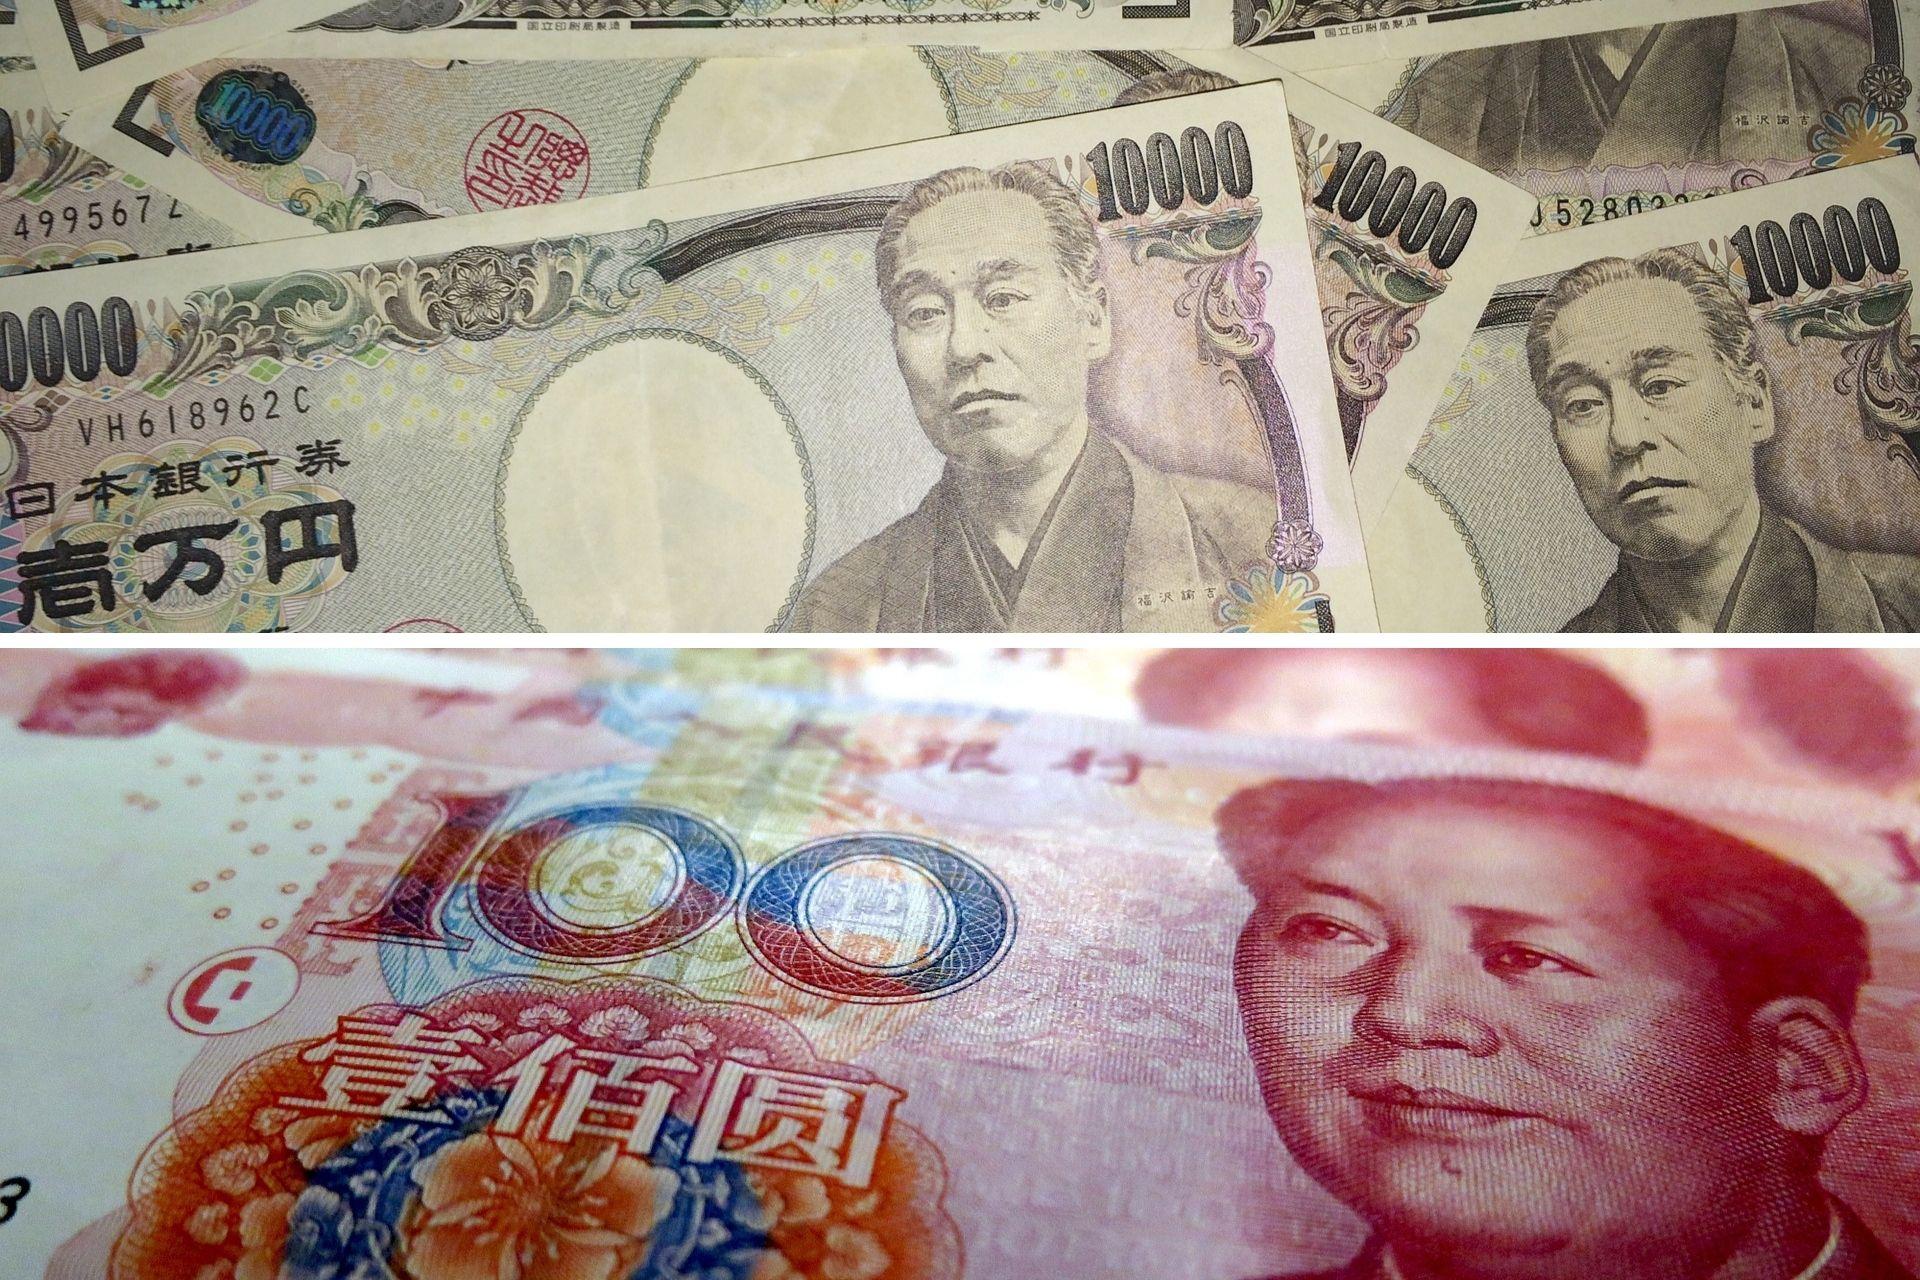 En Japón confirman el inicio próximamente de las pruebas del yen digital, mientras que el vicegobernador del Banco Central de China solicita acelerar el desarrollo del yuan digital